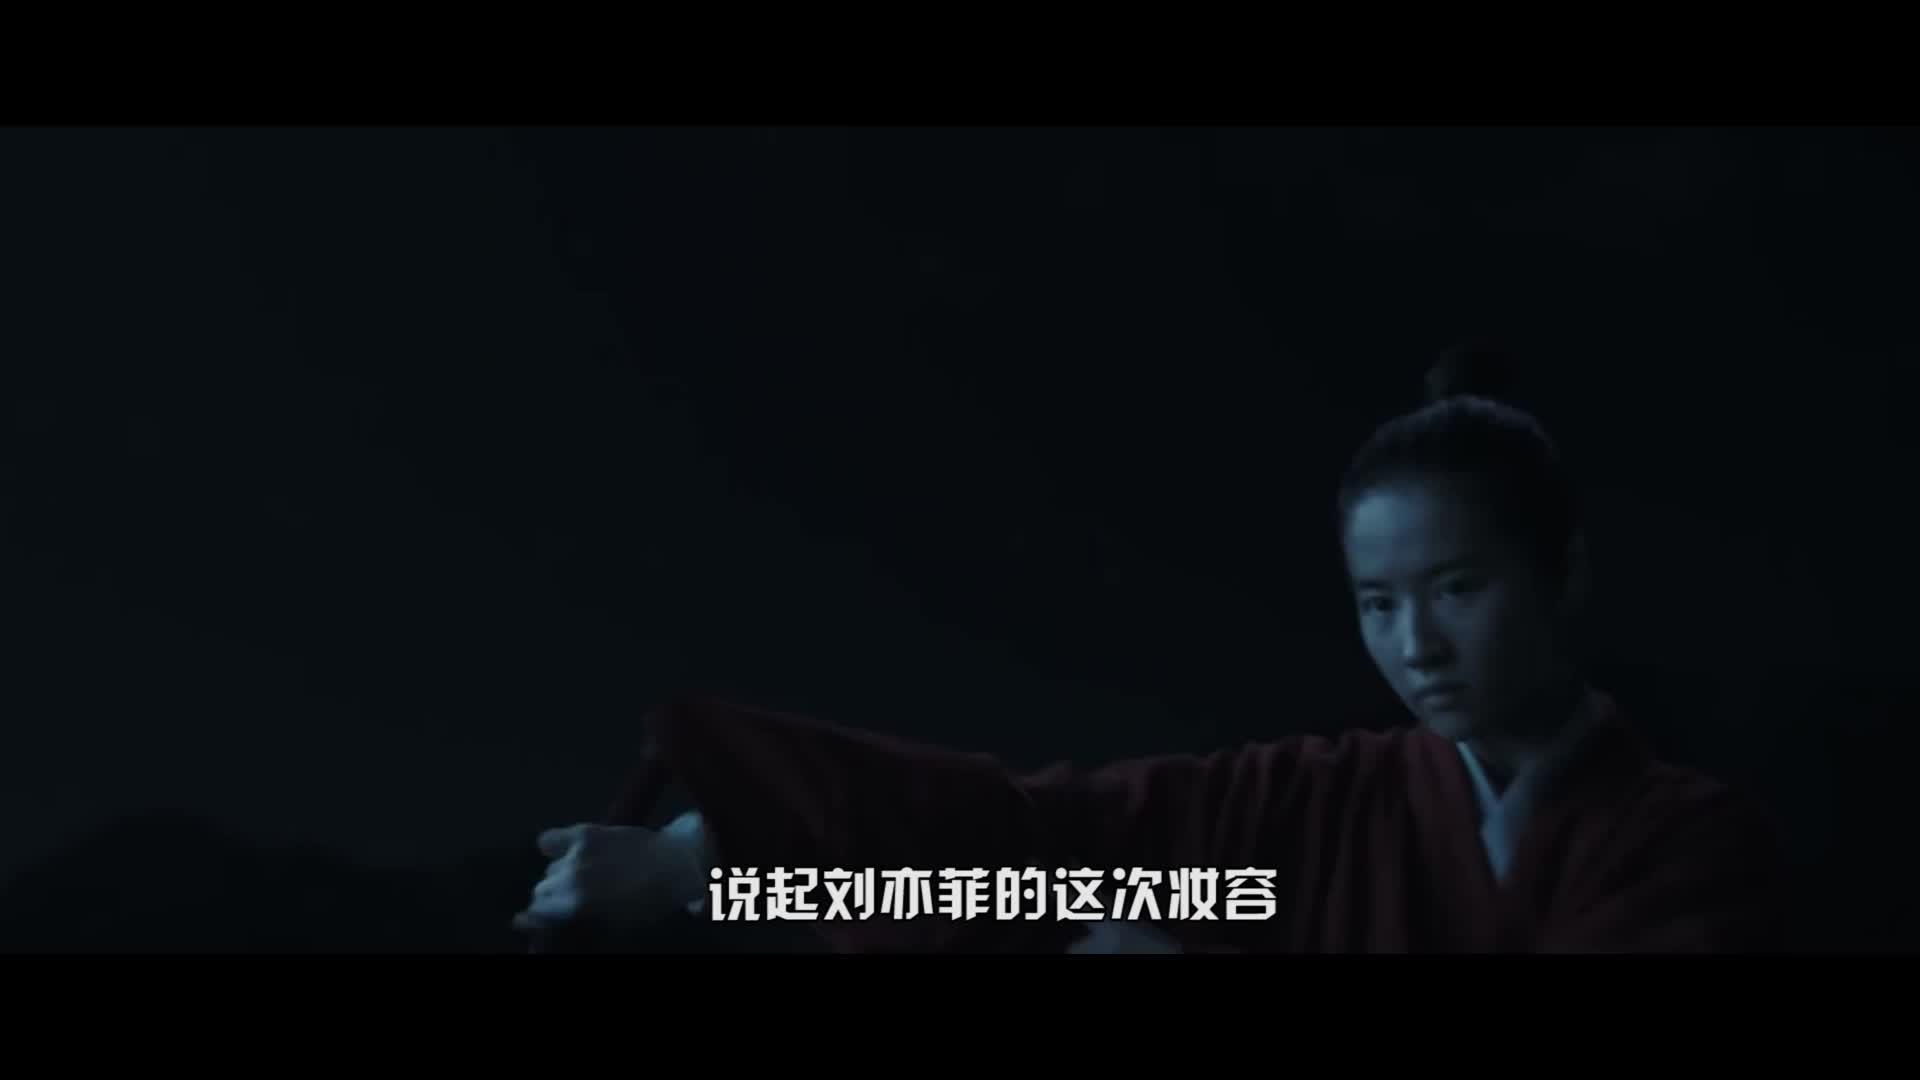 从《仙剑1》赵灵儿到《花木兰》刘亦菲群像混剪,美到爆!